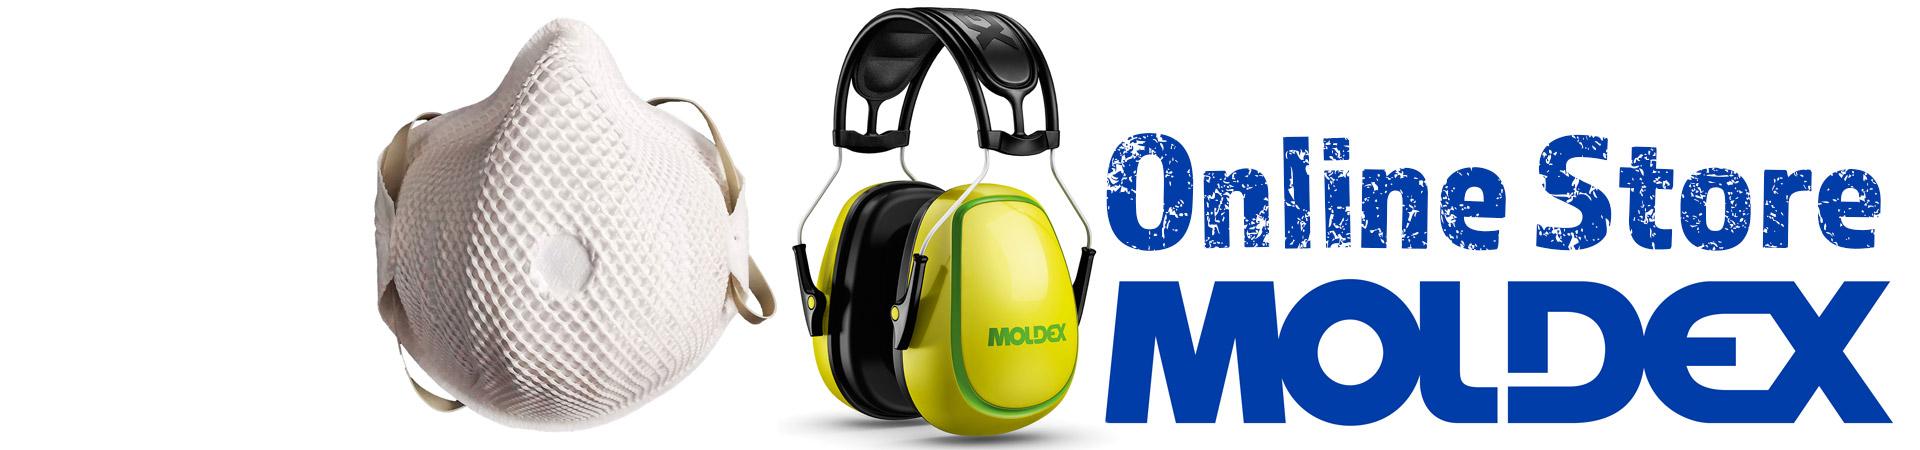 Atemschutz Gehörschutz , Moldex - Fachhändler | Einzelabgabe und Gewerbemengen